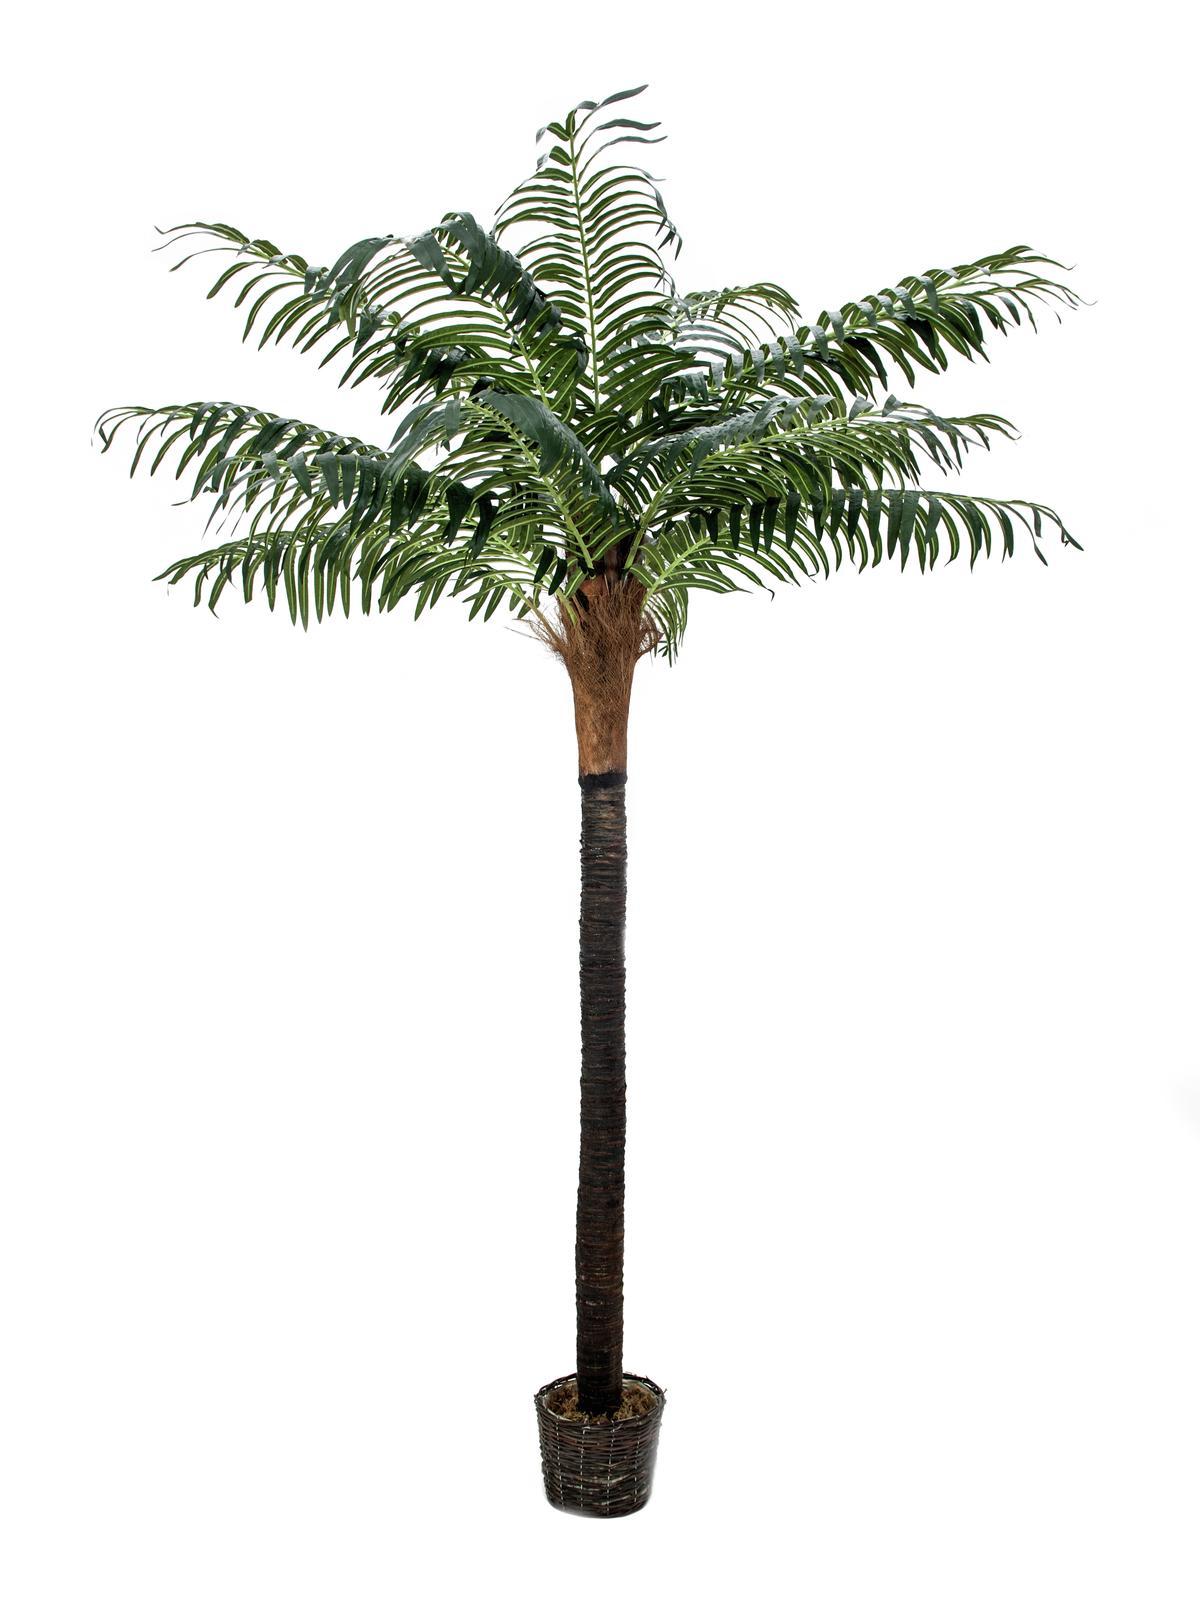 Image of   Kunstig Phoenix palme med ægte stamme, 210 cm